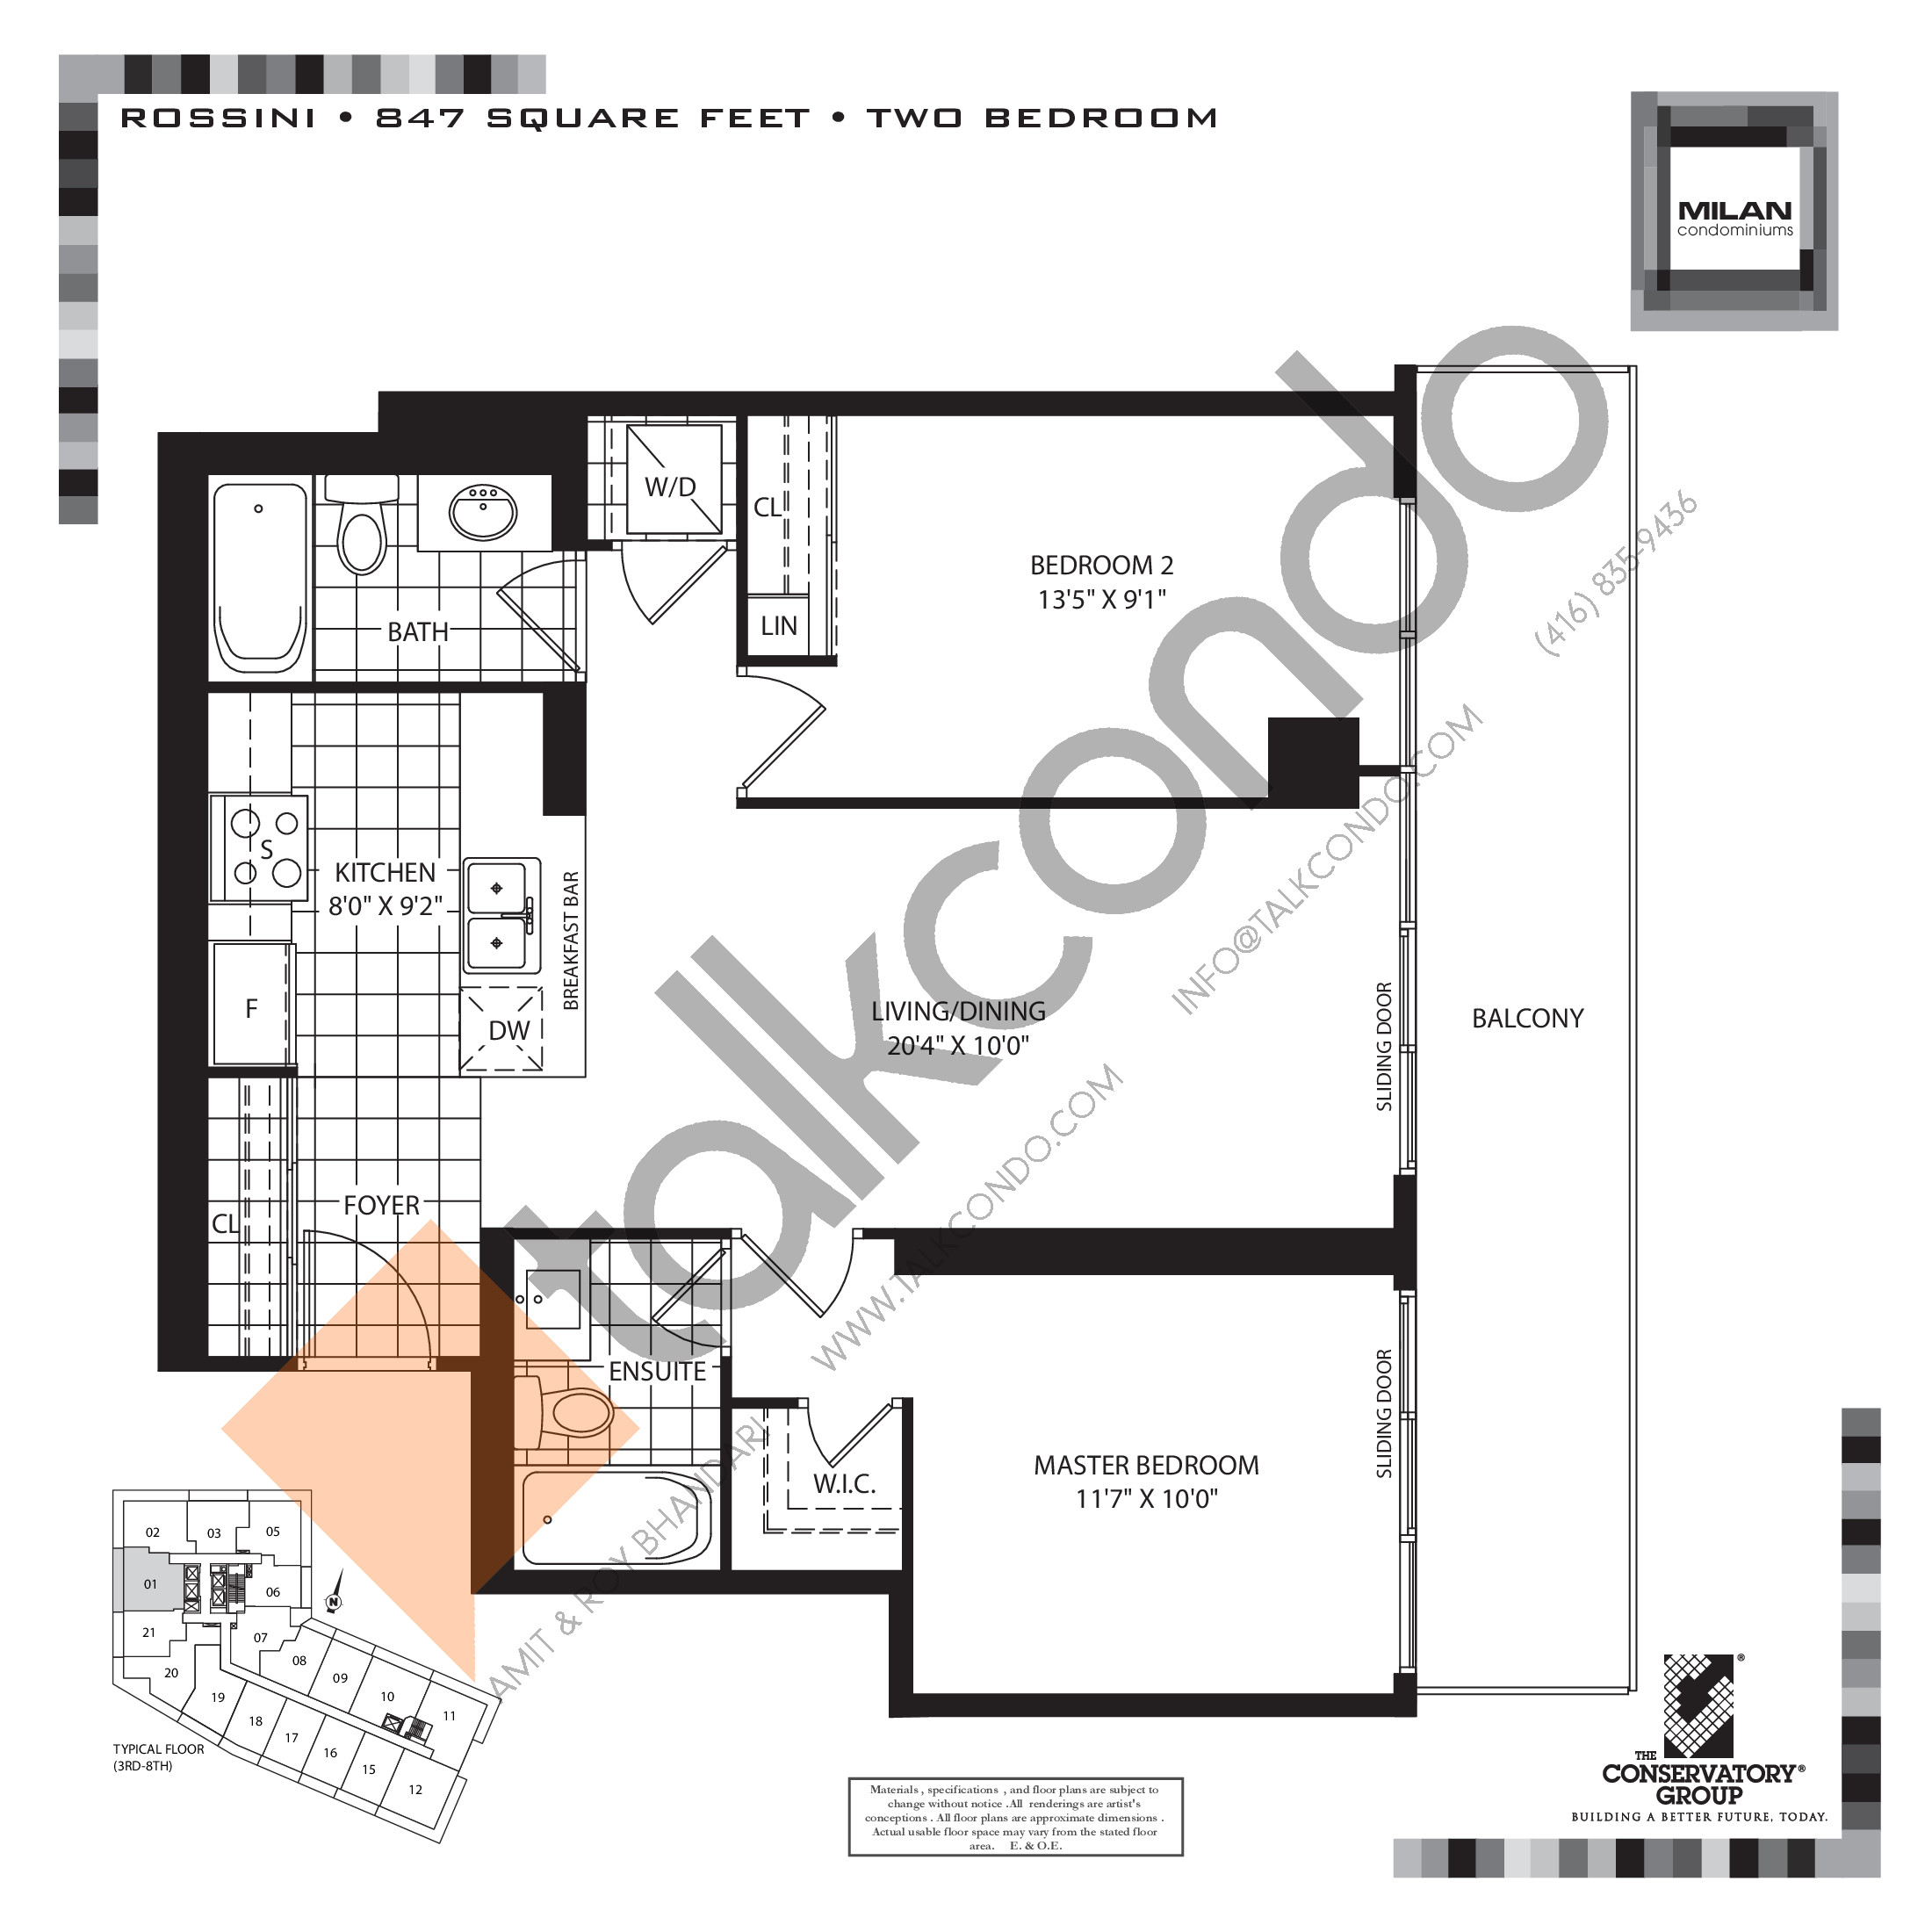 Rossini Floor Plan at Milan Condos - 847 sq.ft